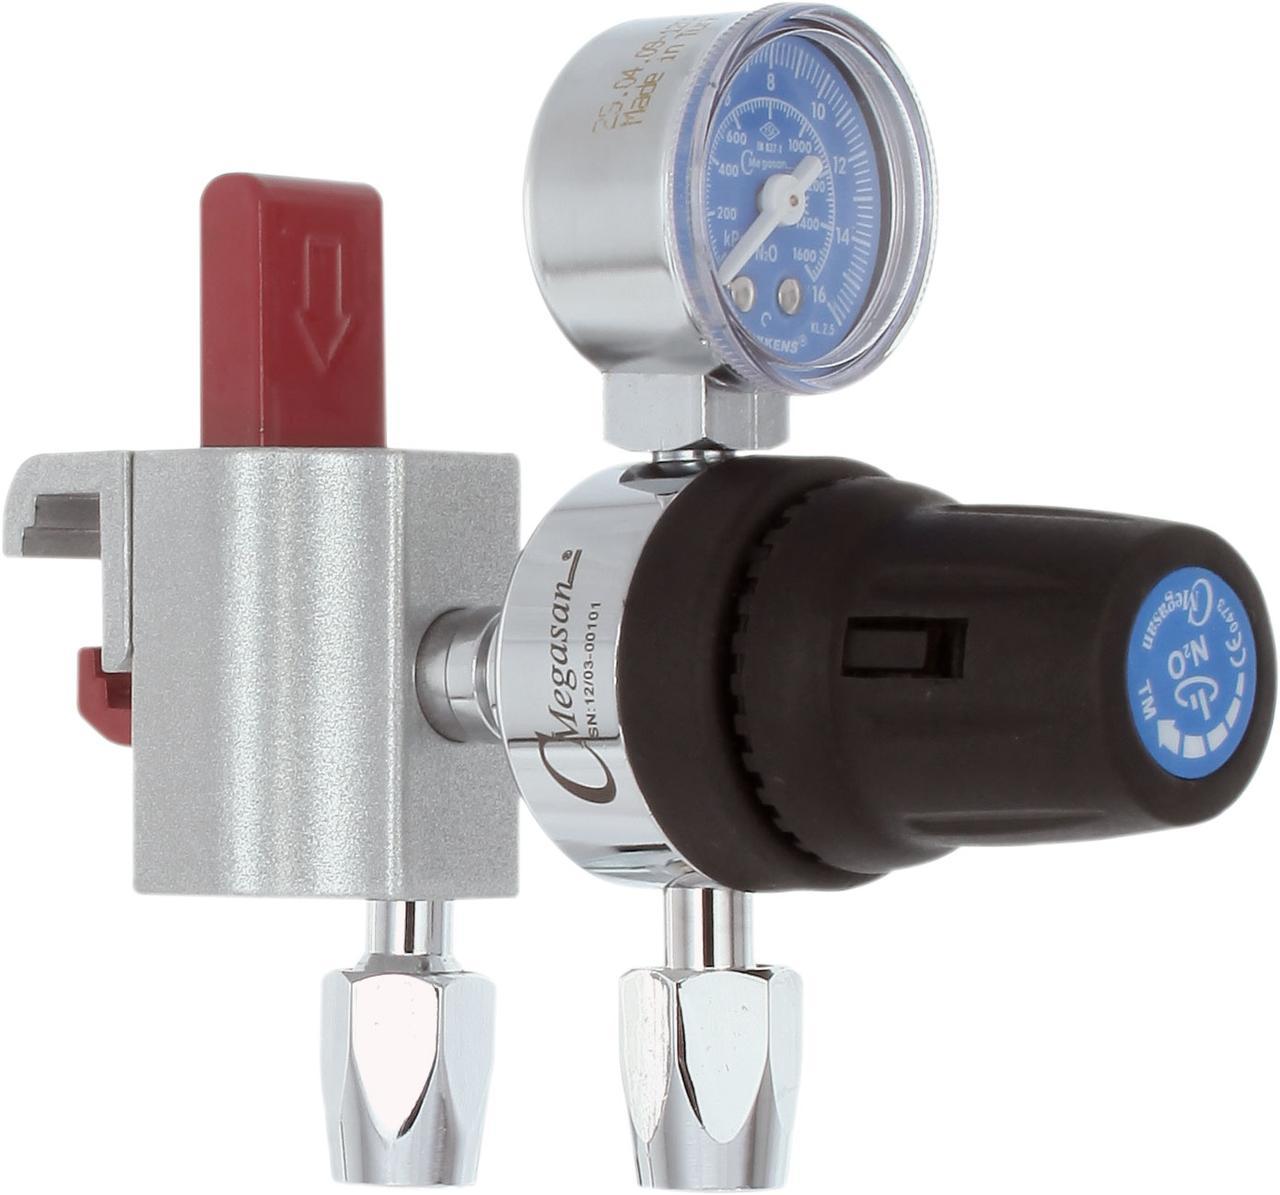 Регулятор низкого давления центральной системы сжатого воздуха 7 бар, с креплением рейкового типа - DIN